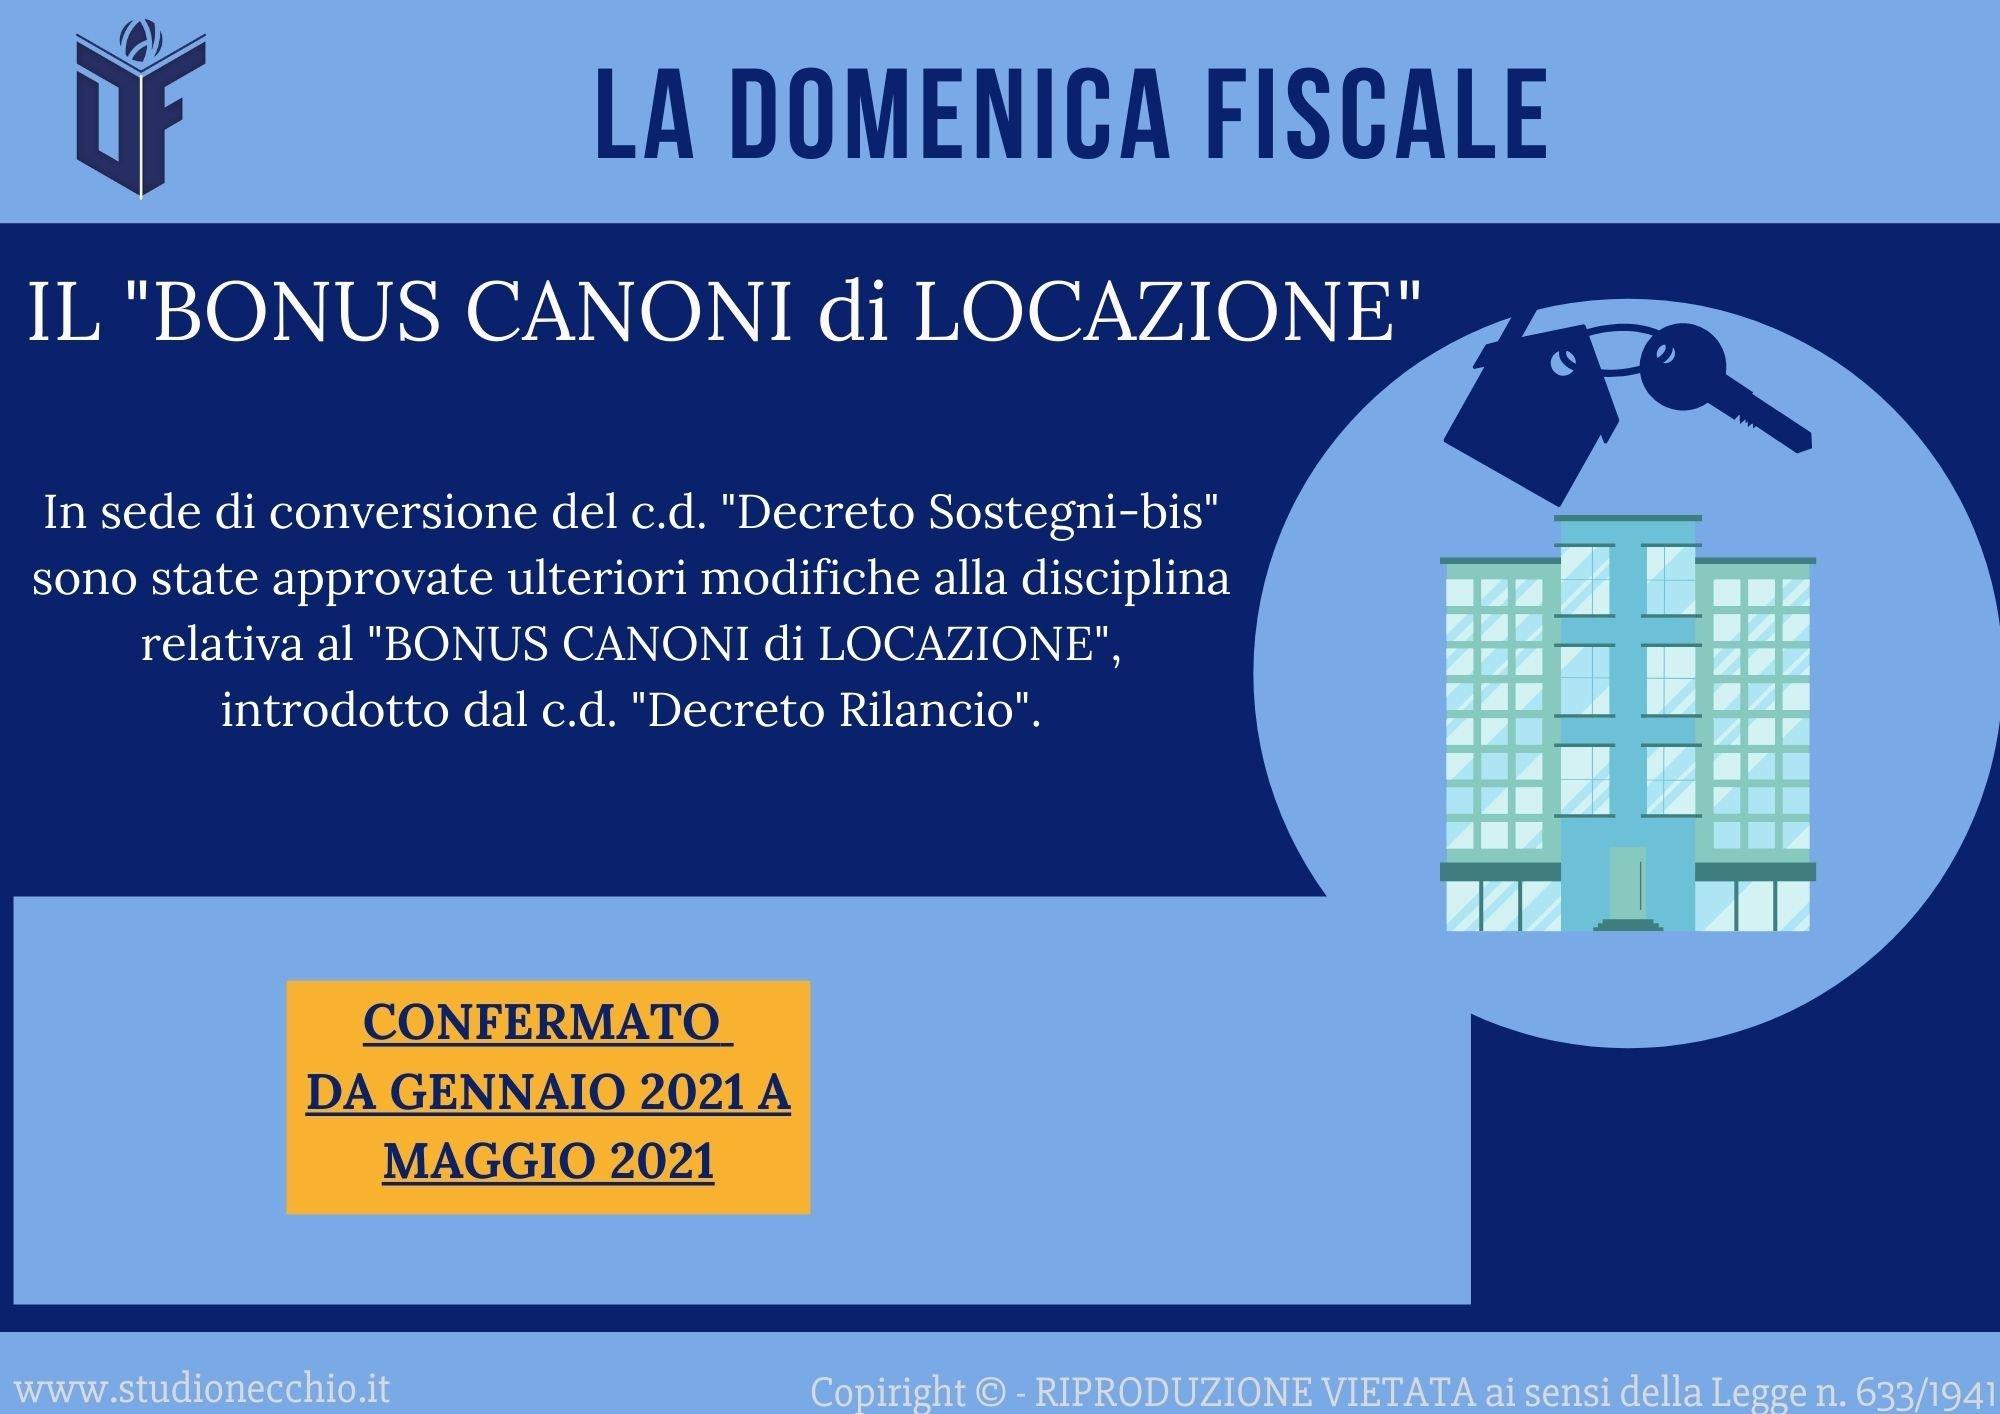 La Domenica Fiscale – IL BONUS CANONI DI LOCAZIONE